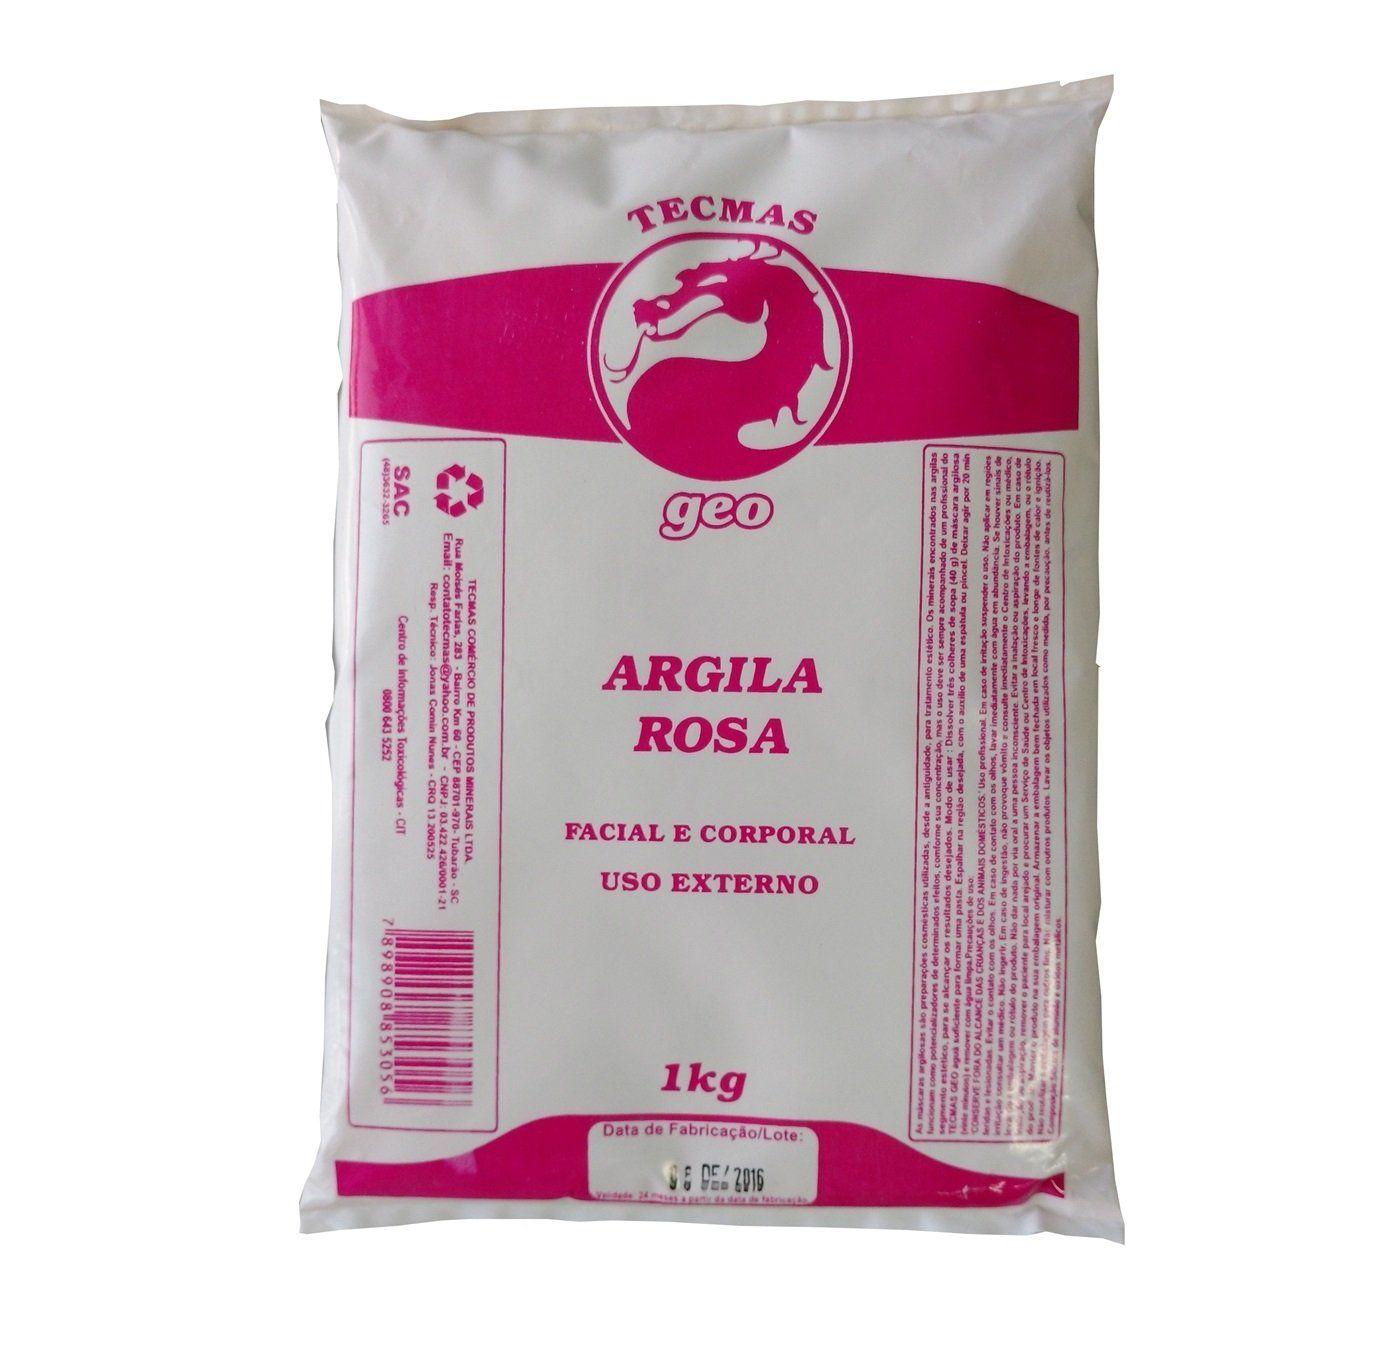 Argila Rosa Facial e Corporal Tecmas Geo 1 kg